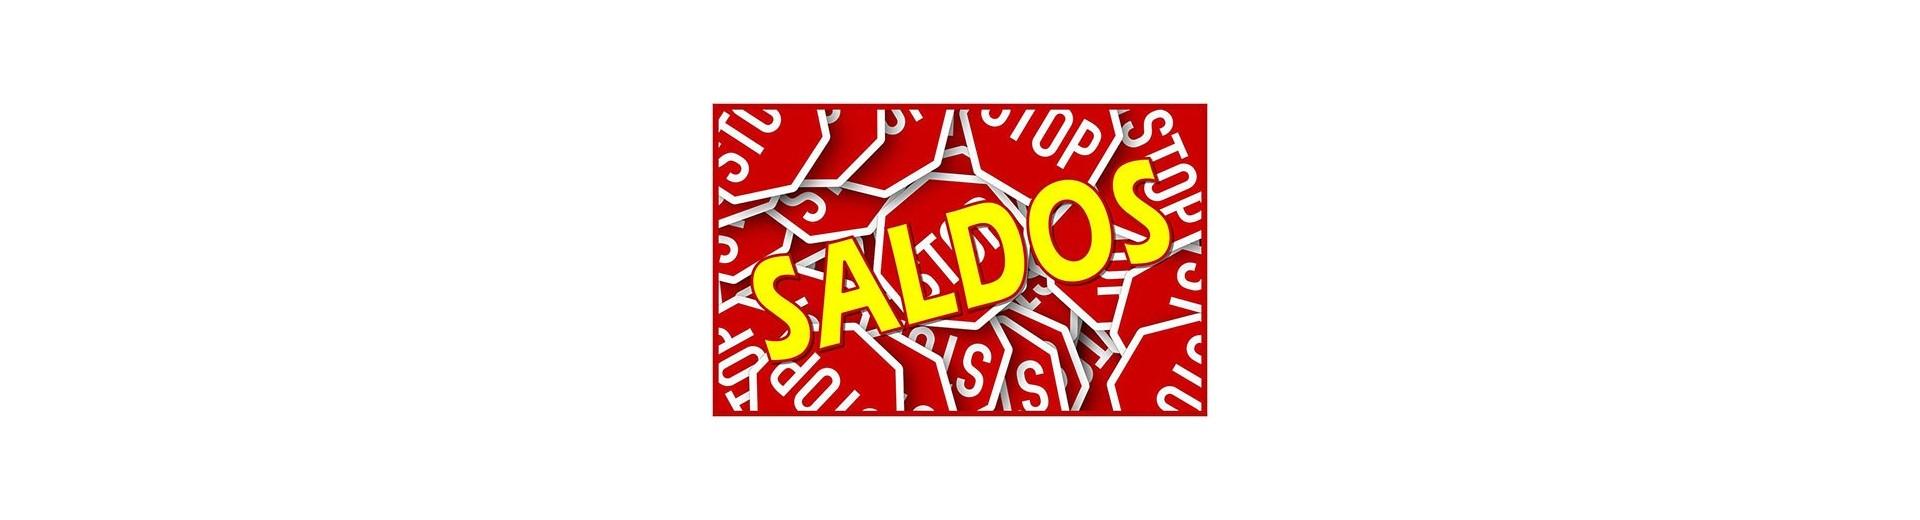 OFERTAS Y SALDOS